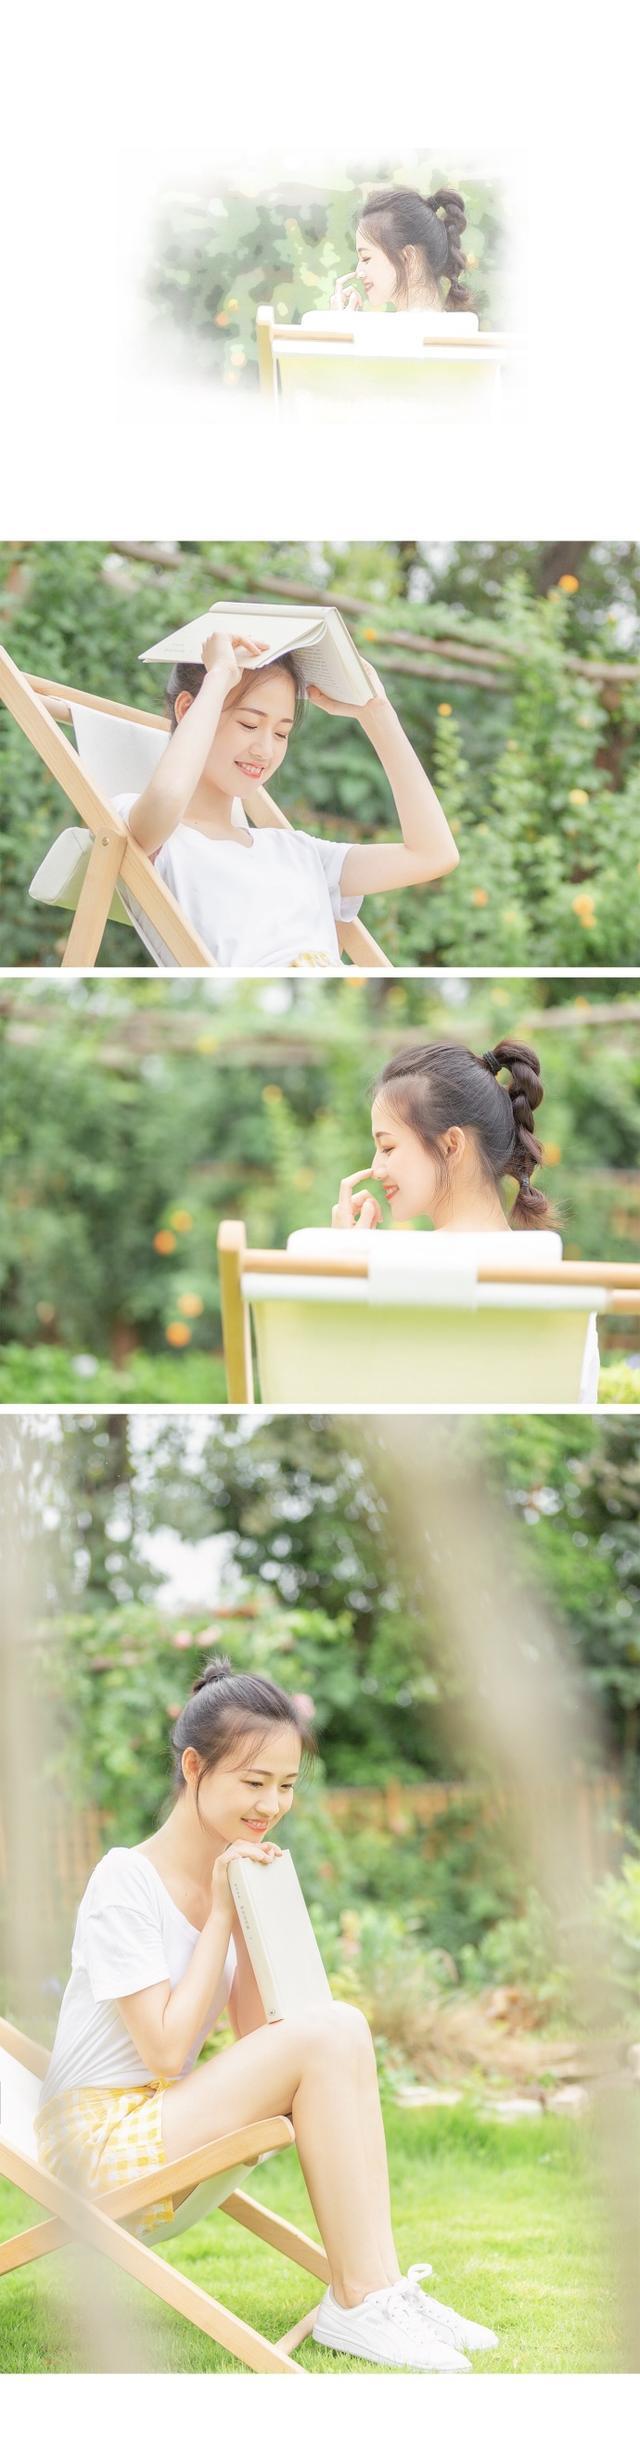 四川师范大学学生@小松鼠酱酱 在微博上晒出了一组写真,花辫马尾,纯白T恤,清新自然。(图 cr.@小松鼠酱酱 的新浪微博)